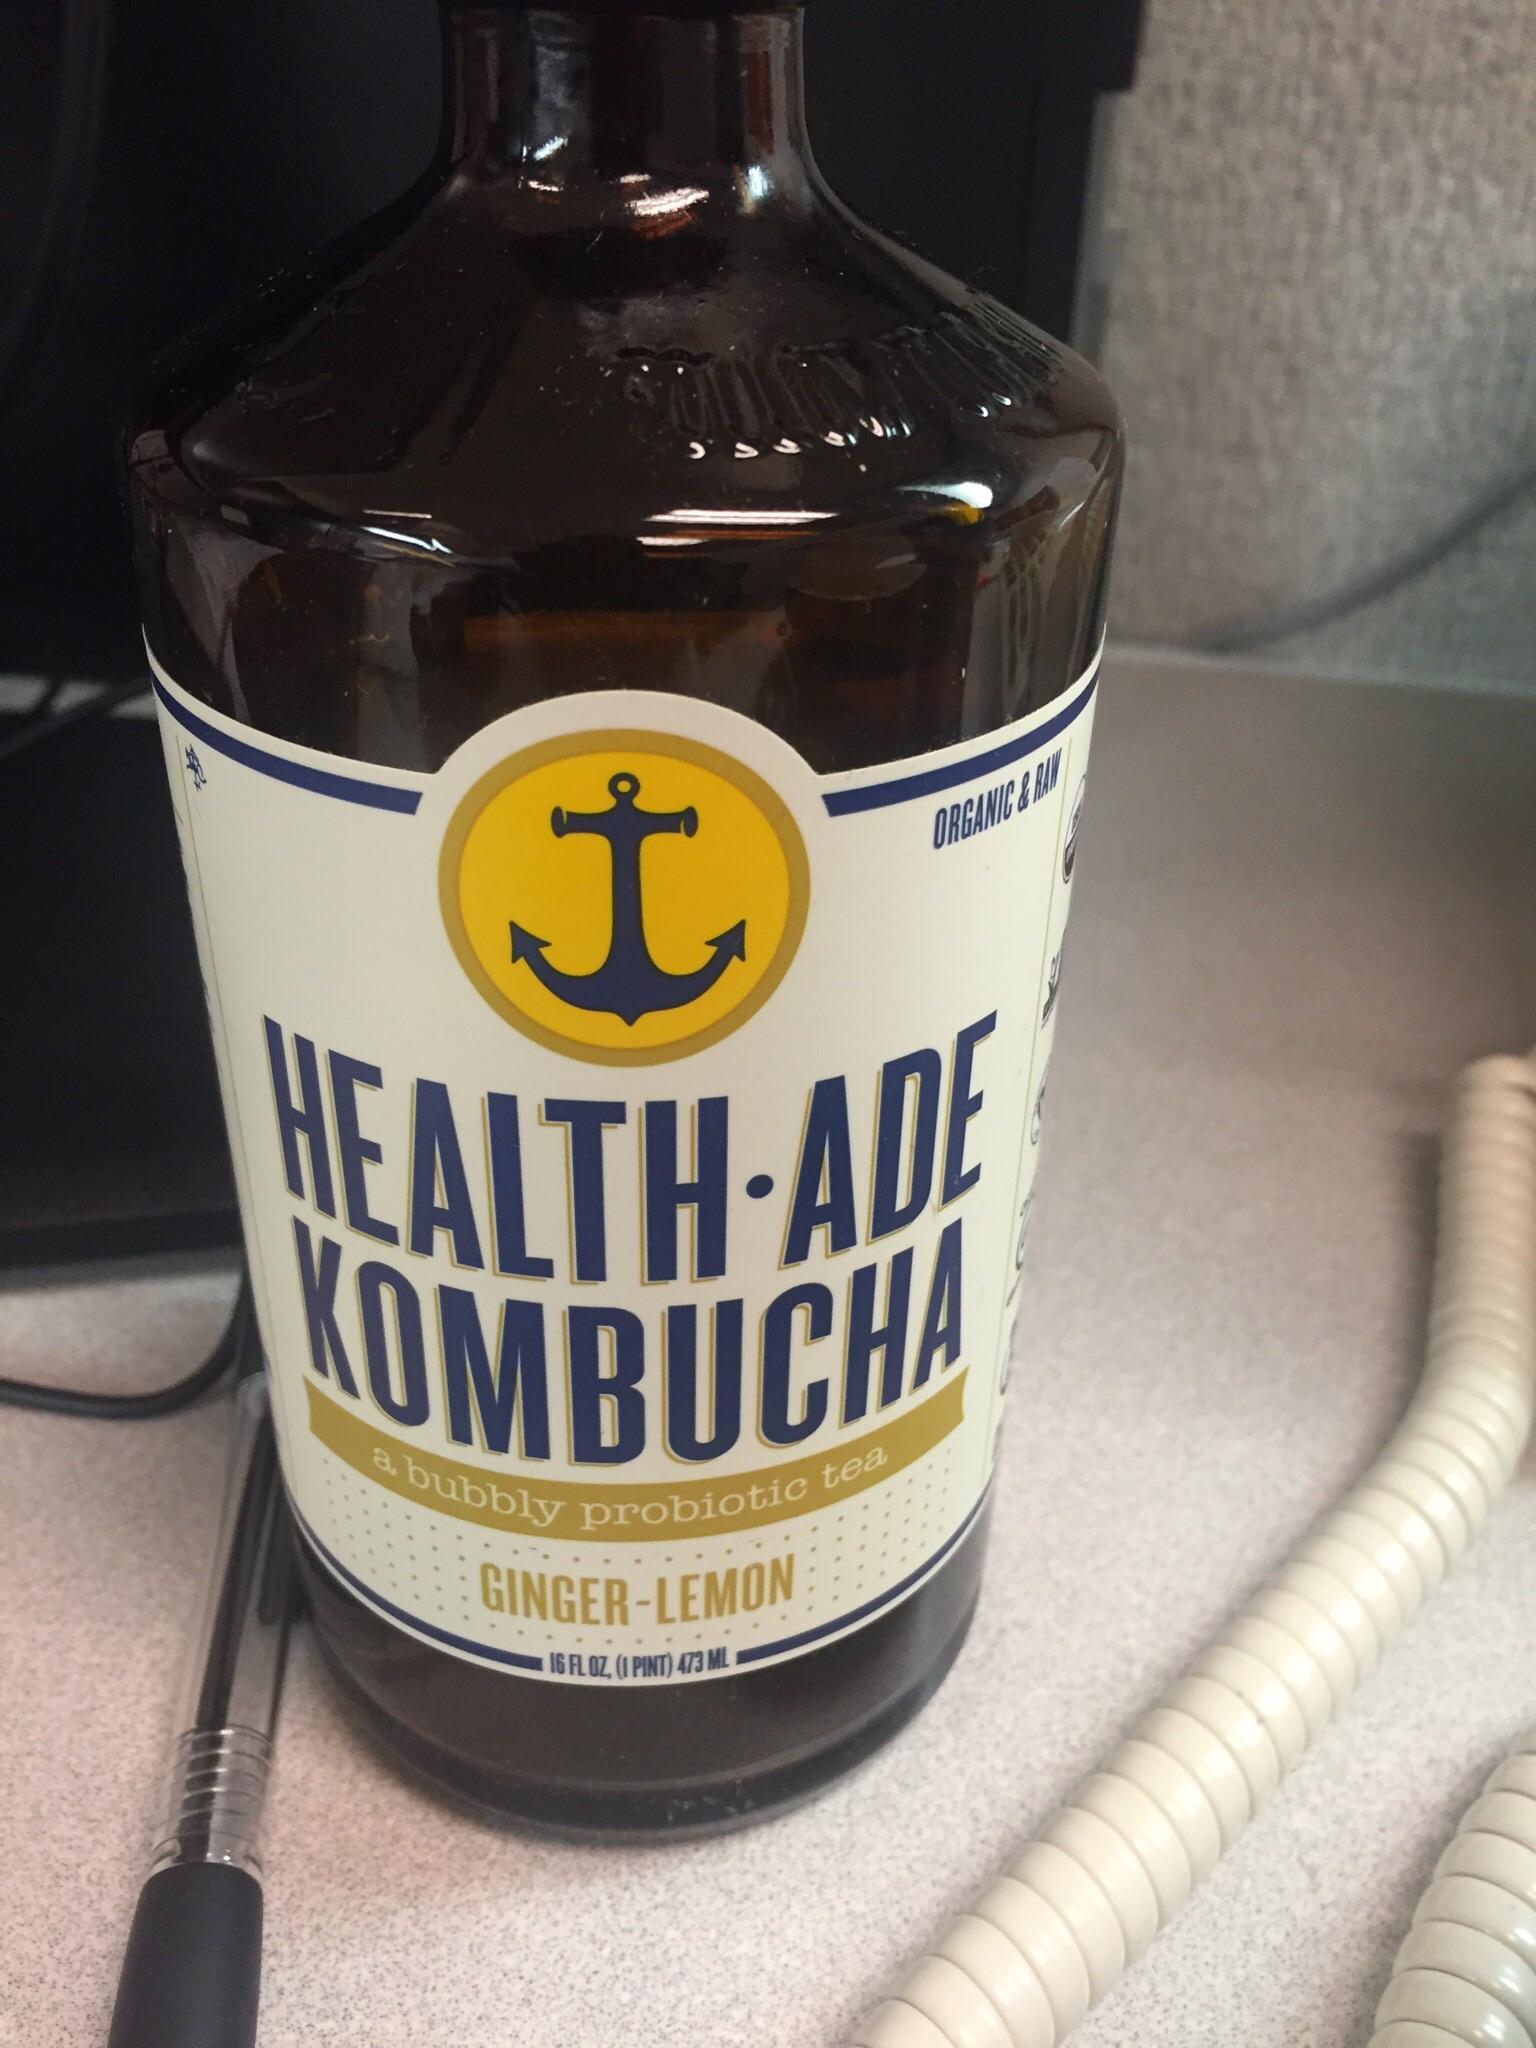 HEALTH-AD KOMBUCHA